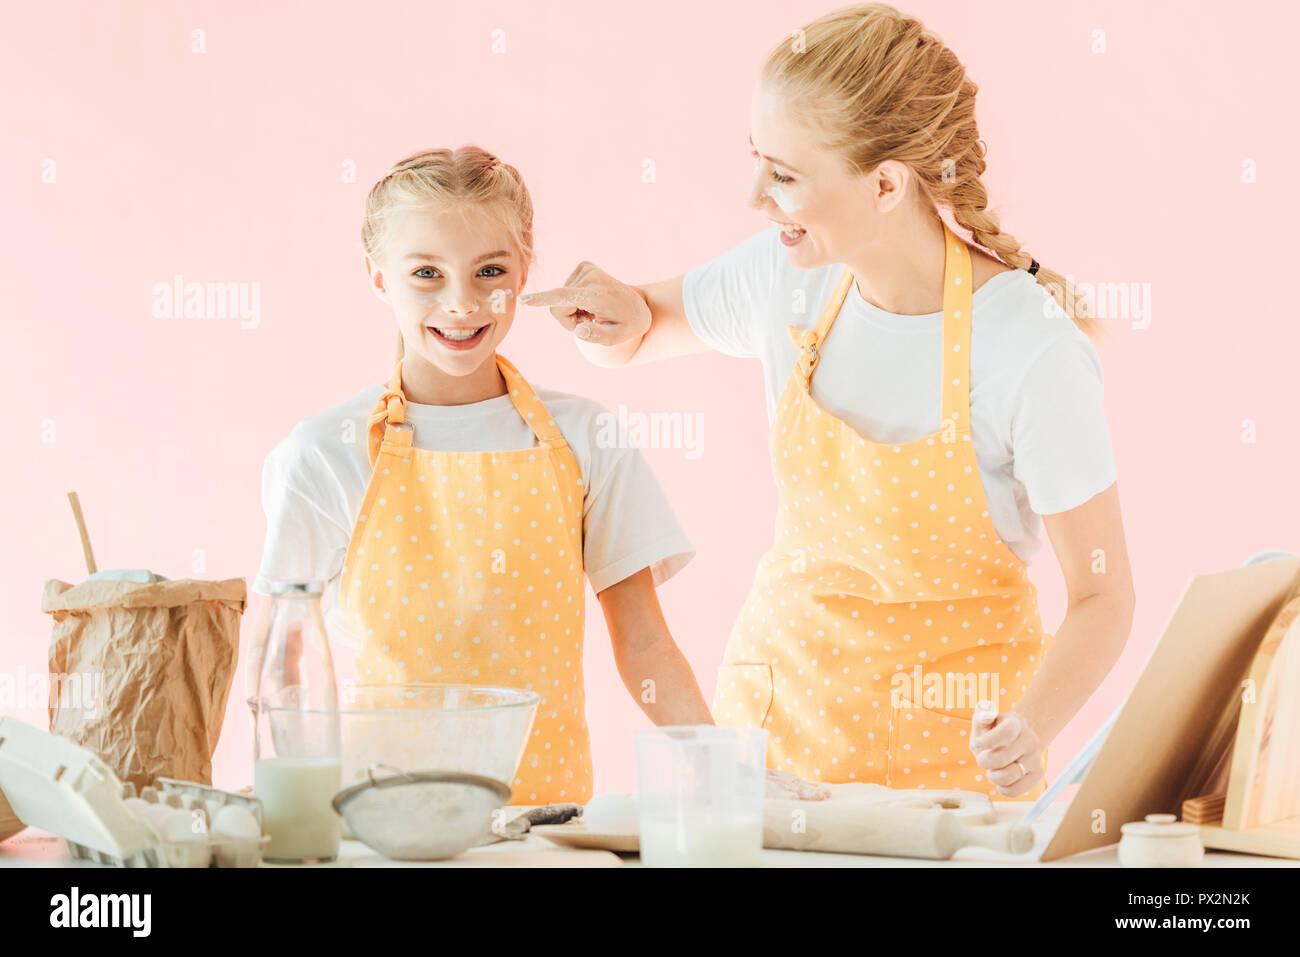 Madre e hija sonriente con harina en las caras de cocinar juntos aislado en rosa Imagen De Stock